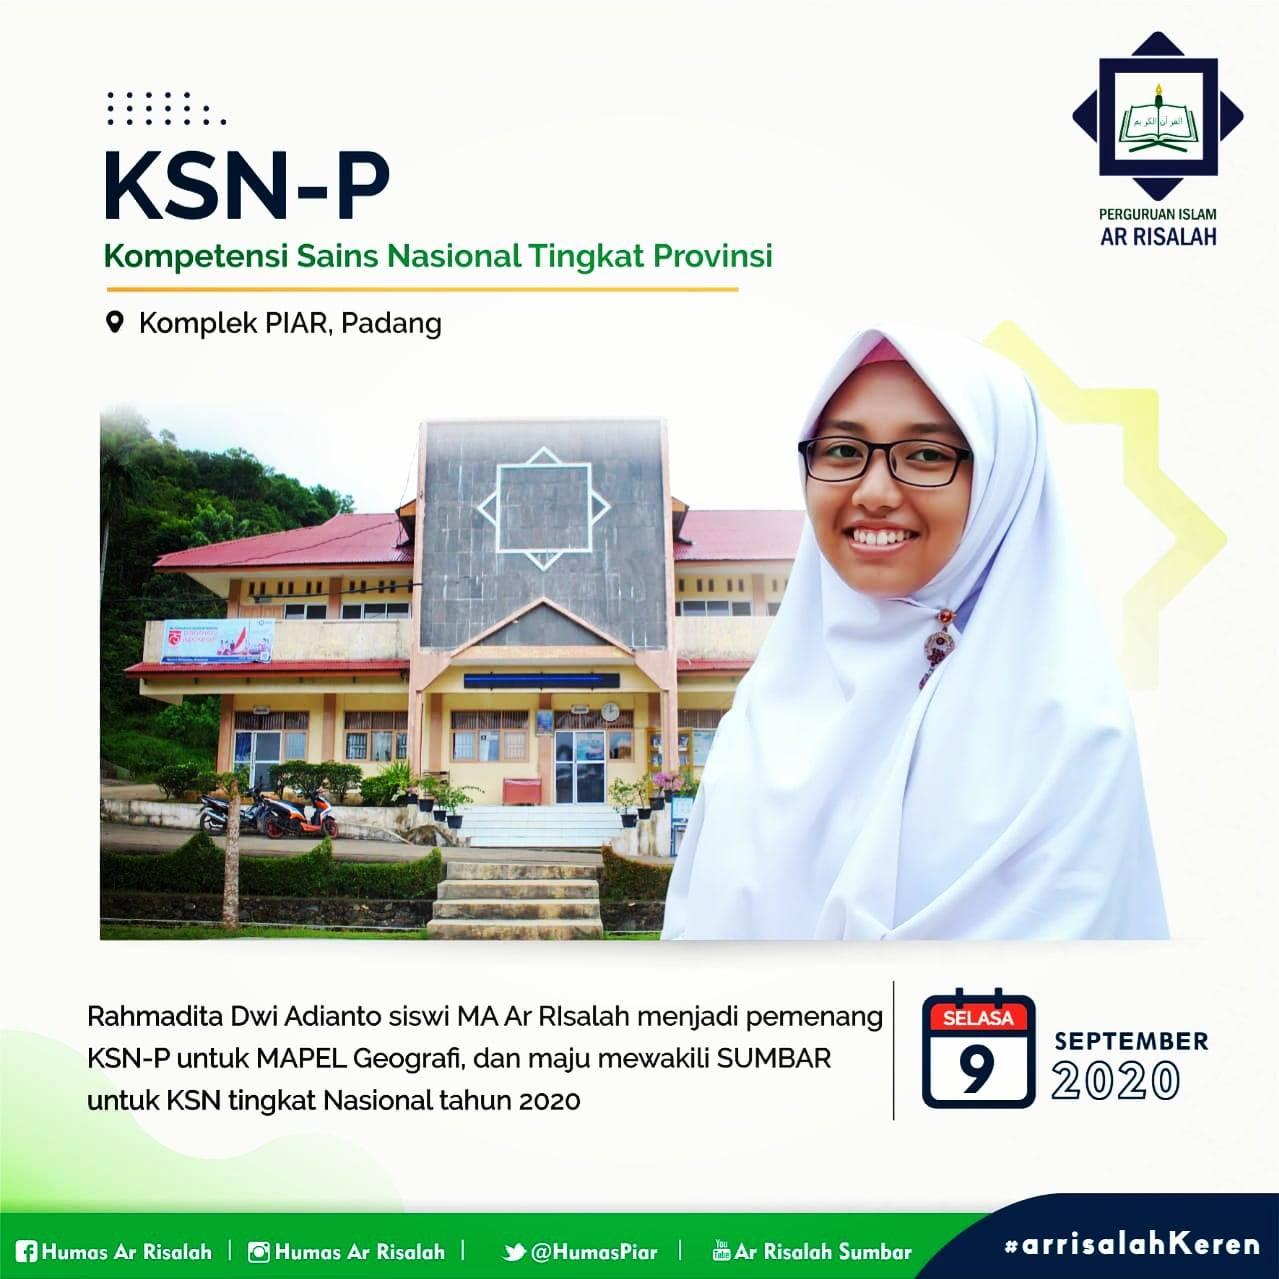 Siswa Ar Risalah Melaju ke KSN 2020 Pangkal Pinang